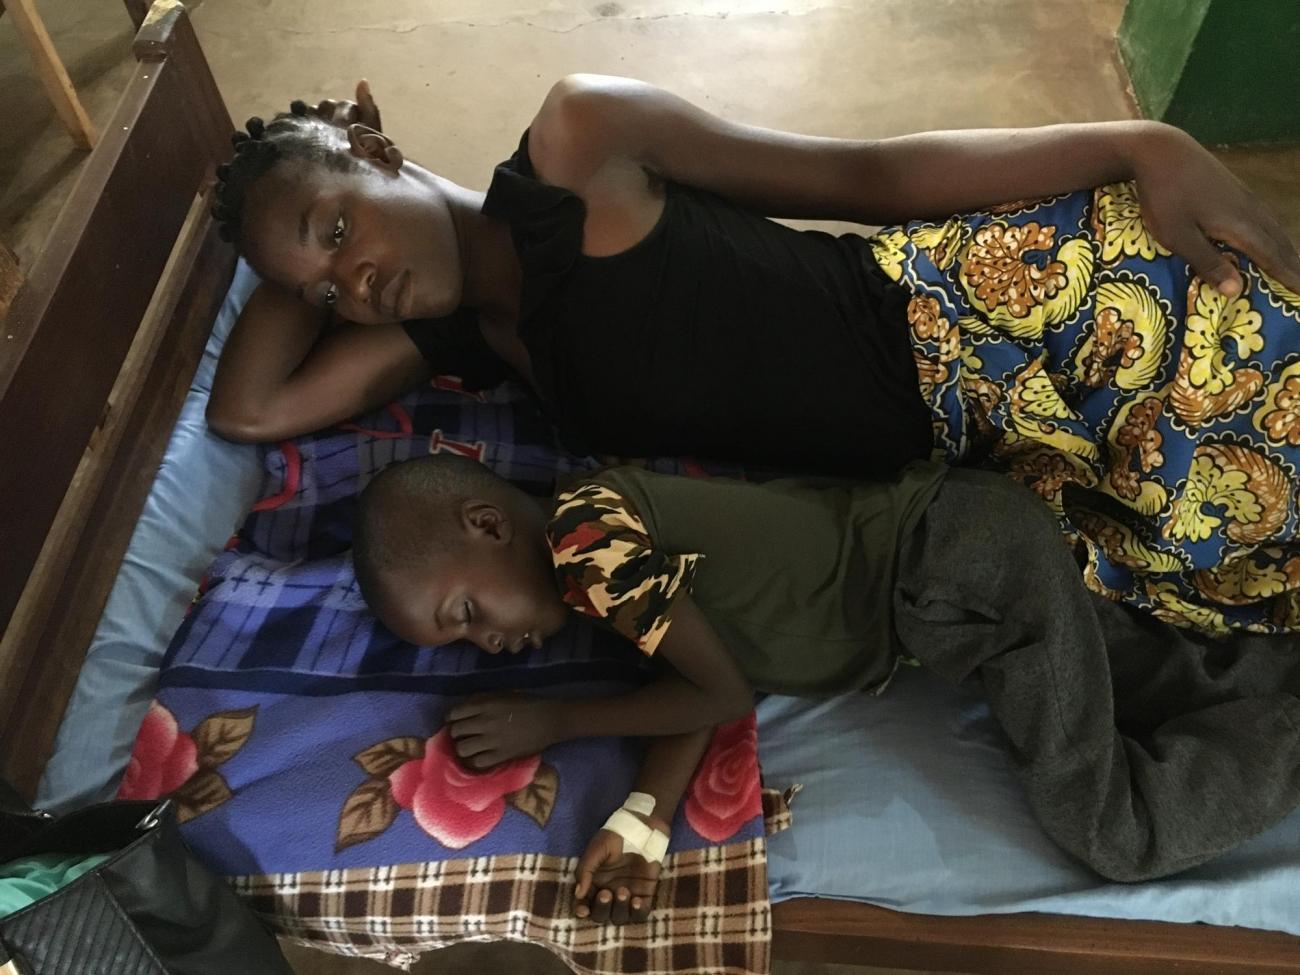 Chancella Gbtoum avec son fils de cinq ans, Yakota Abbias, atteint de la forme sévère du paludisme et pris en charge par MSF à l'hôpital de Batangafo, en République centrafricaine.  © Lorène Giorgis/MSF